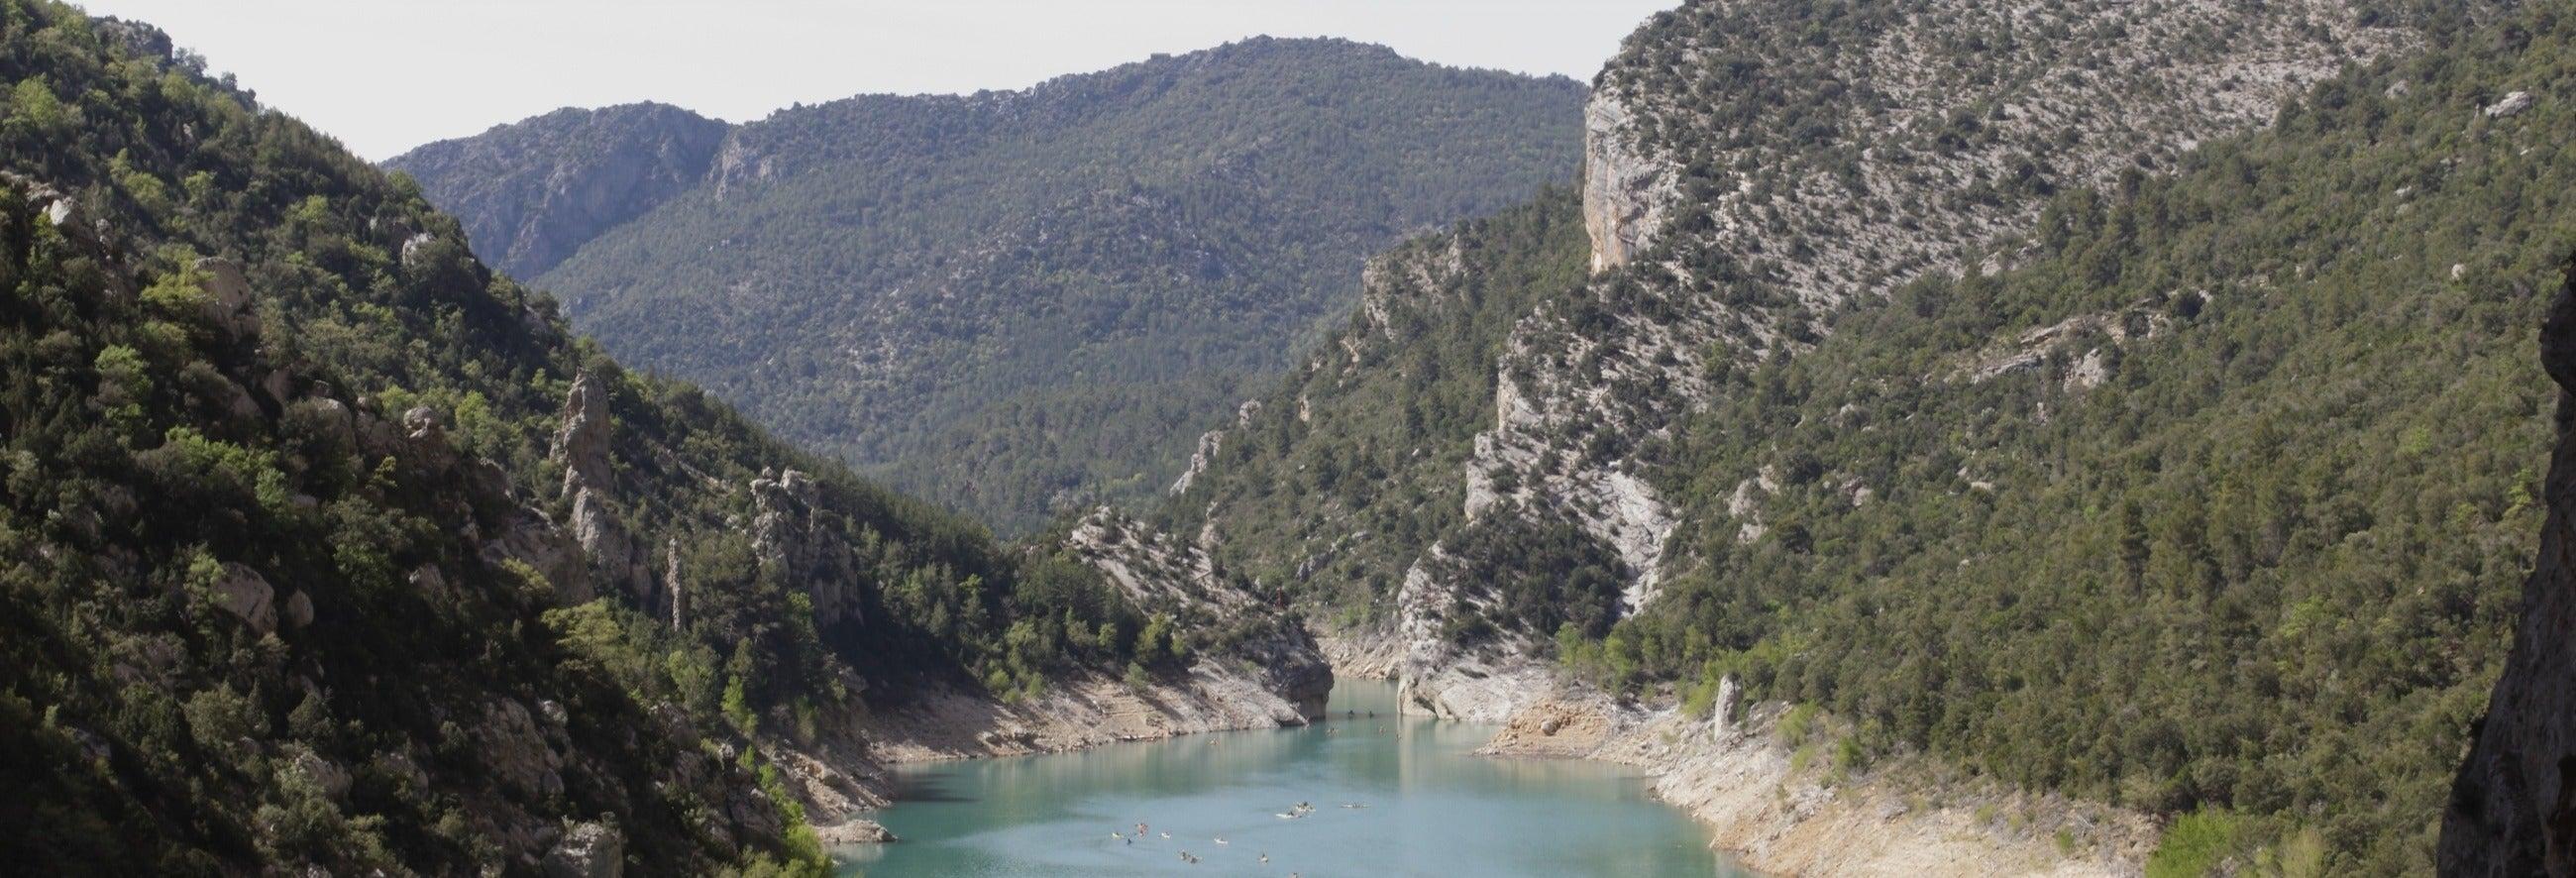 Descente de la rivière Noguera Pallaresa en kayak